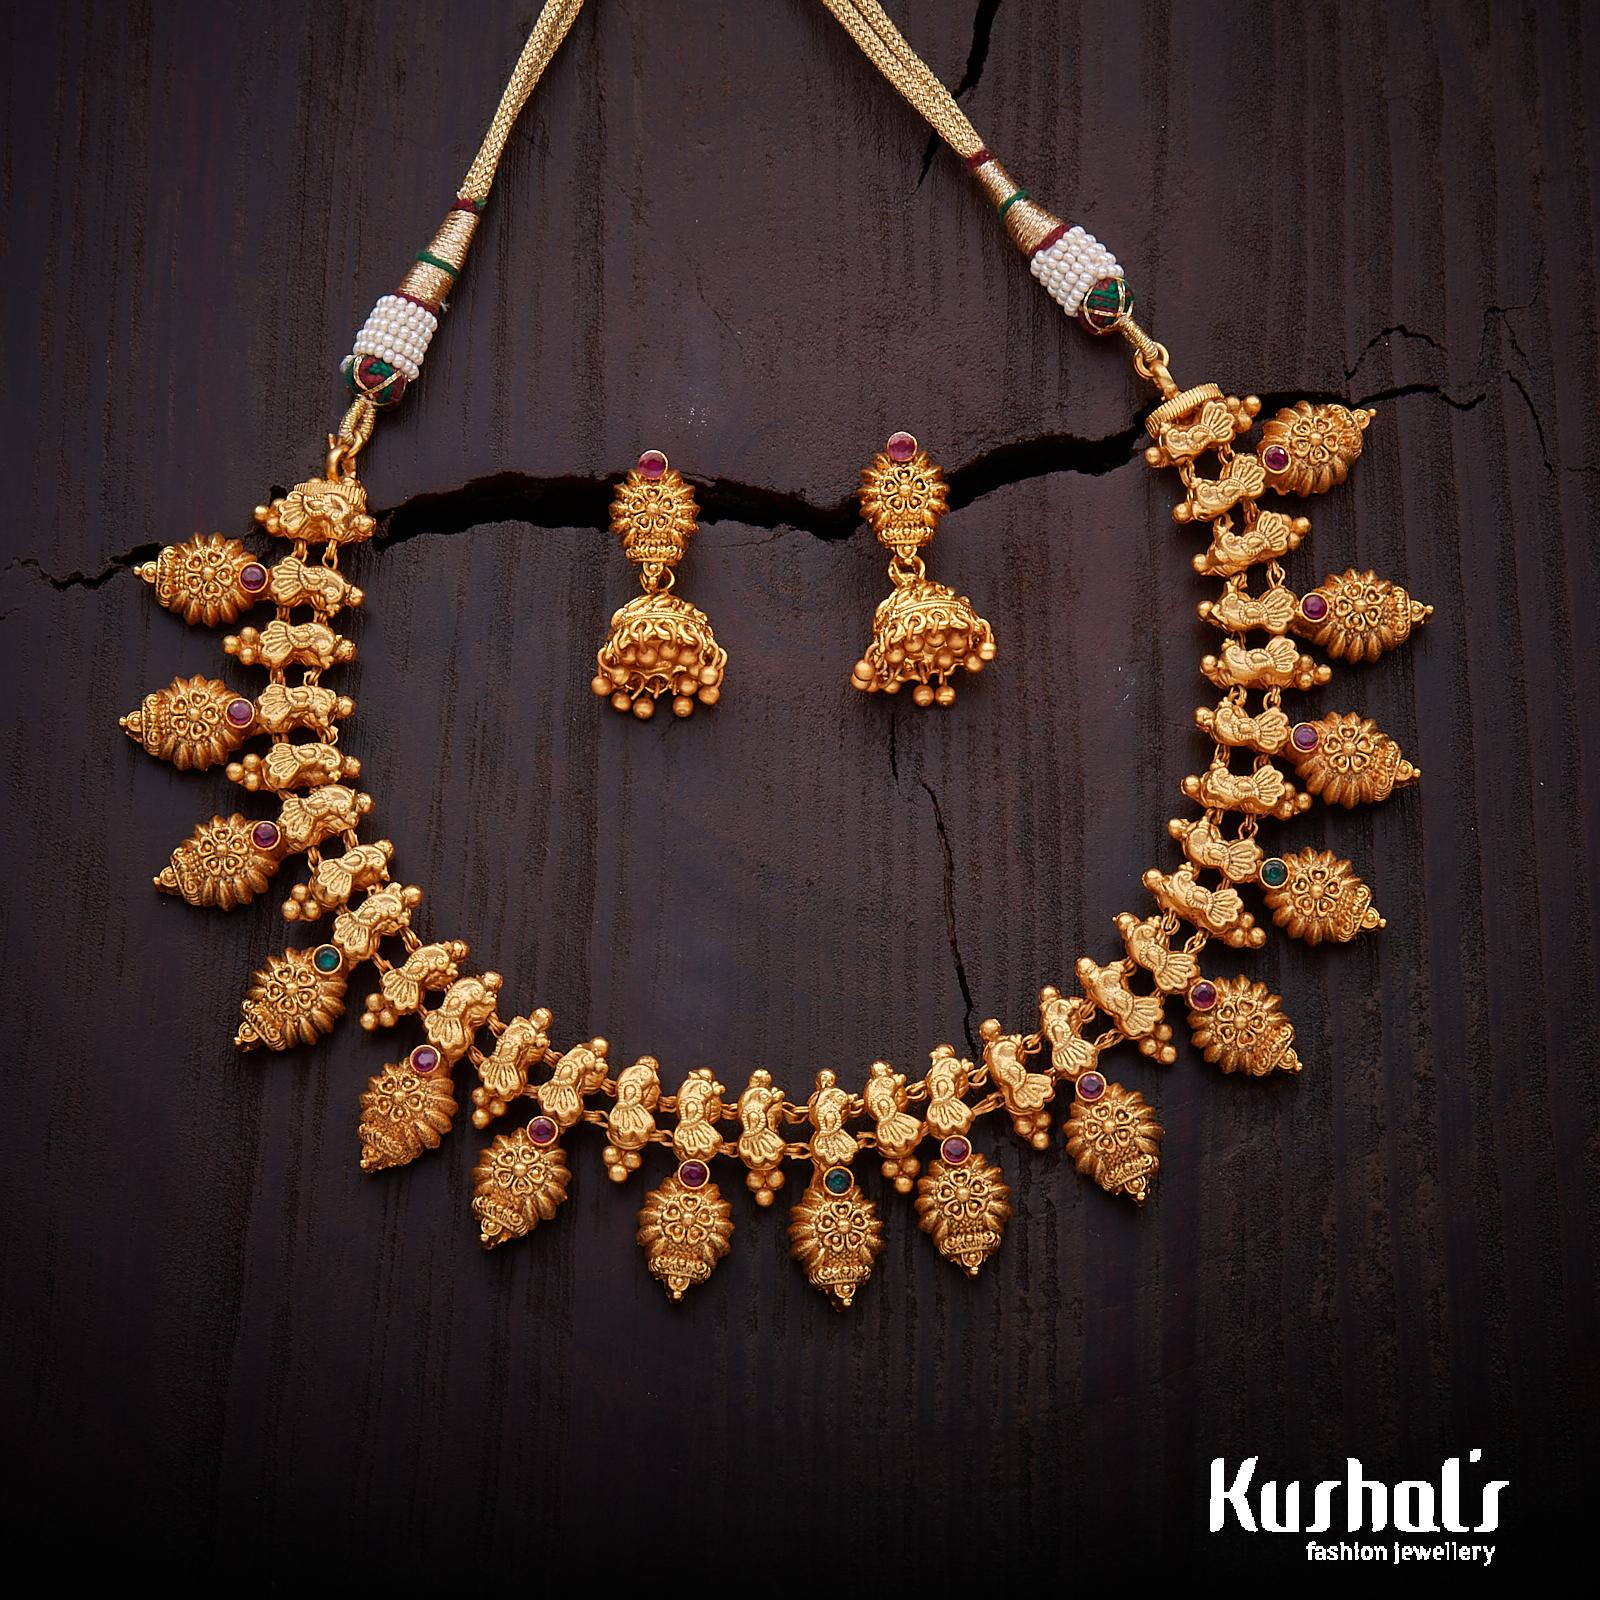 Pin by Malathi TVS Manian on Gold Jewelry | Pinterest | Jewel ...